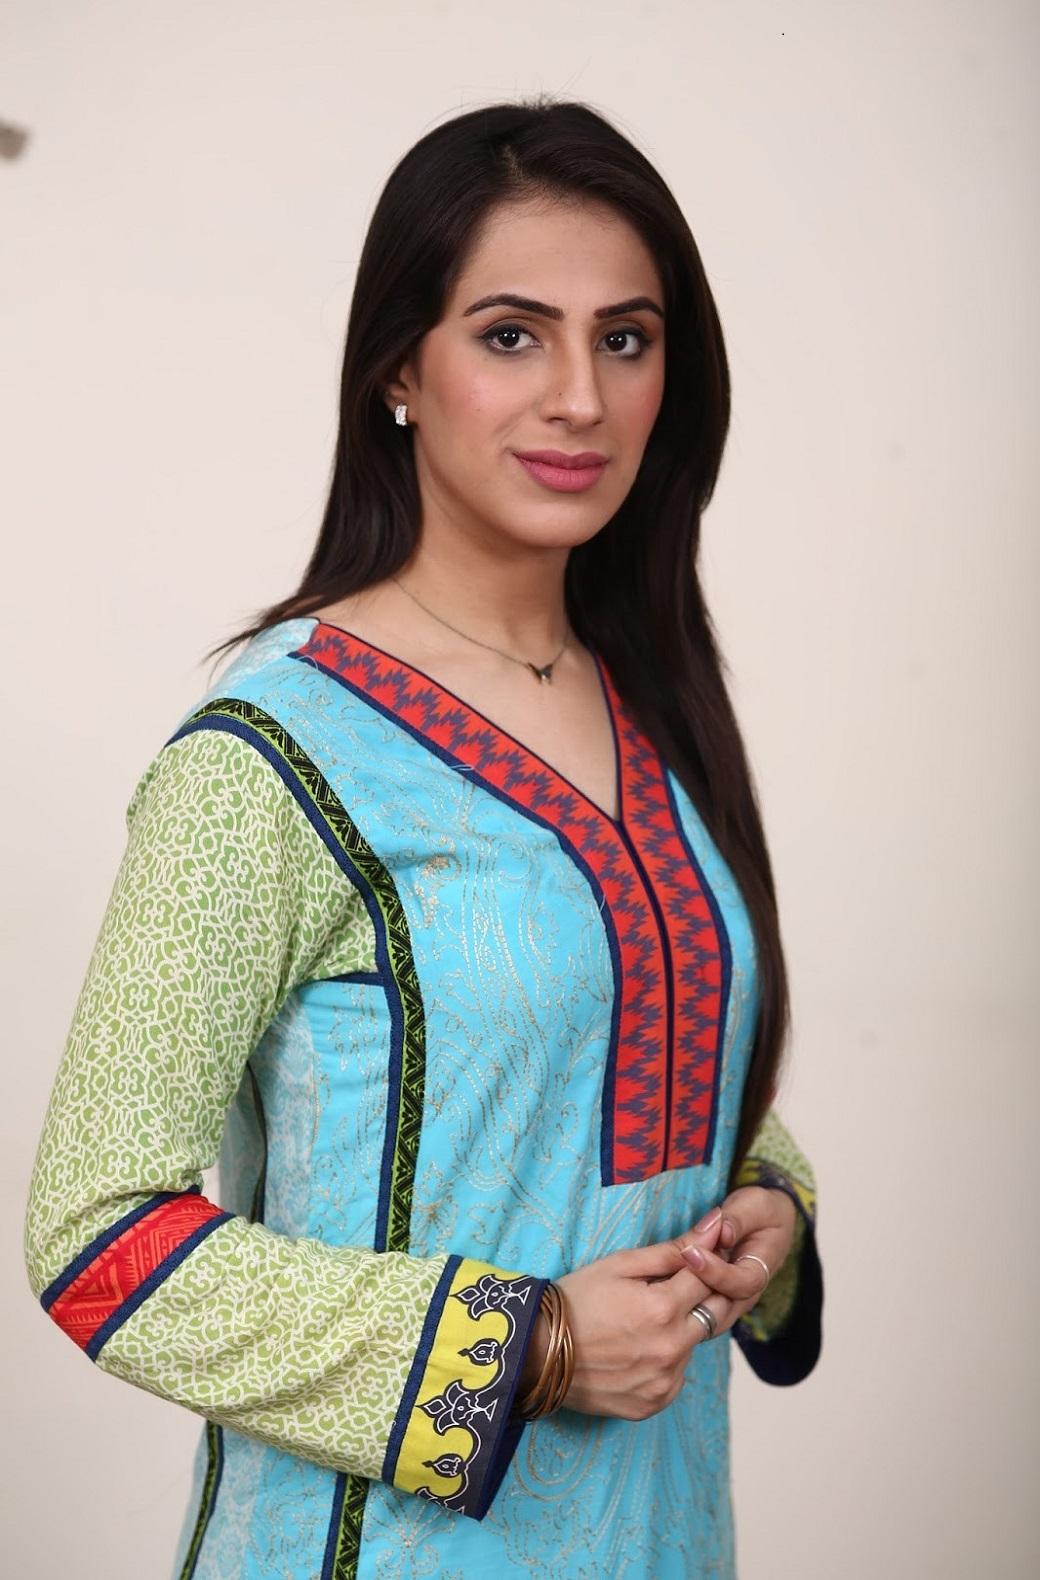 Maham Amir